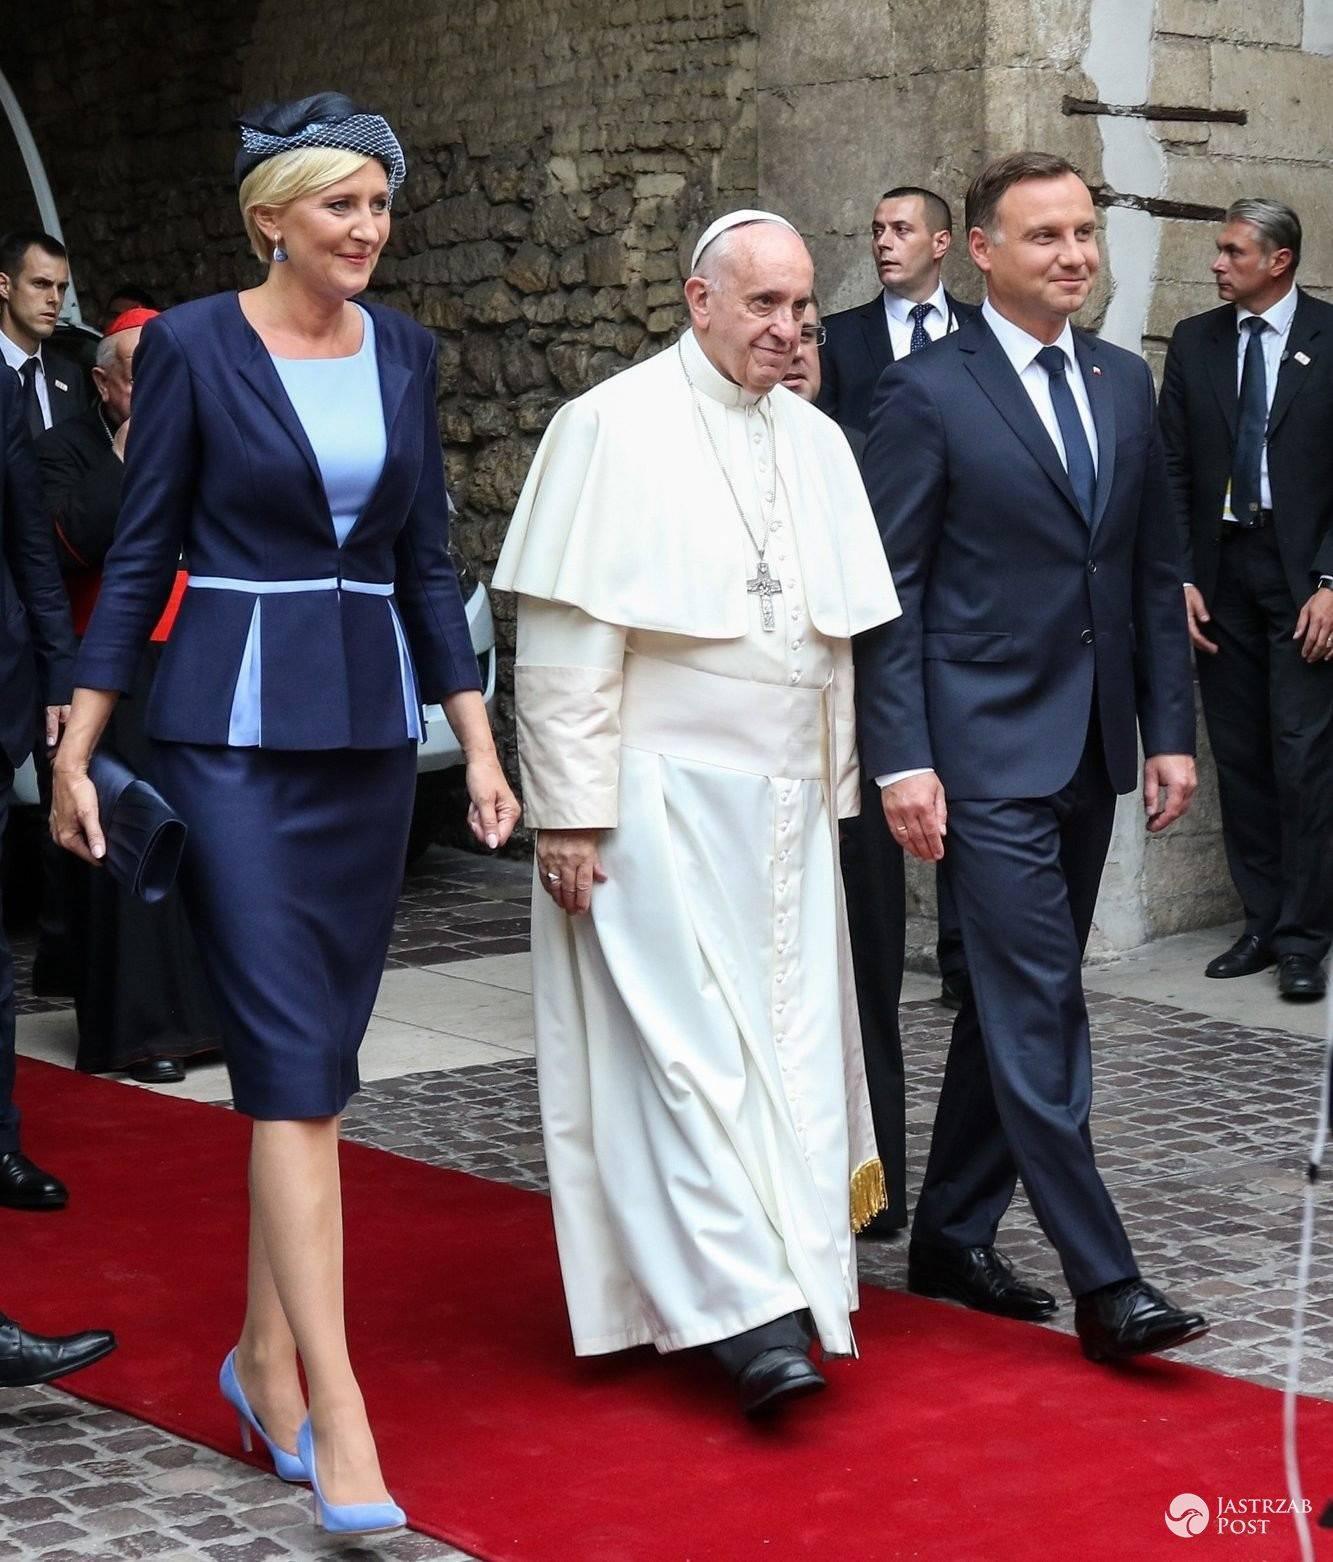 Papież Franciszek przewrócił się na Jasnej Górze